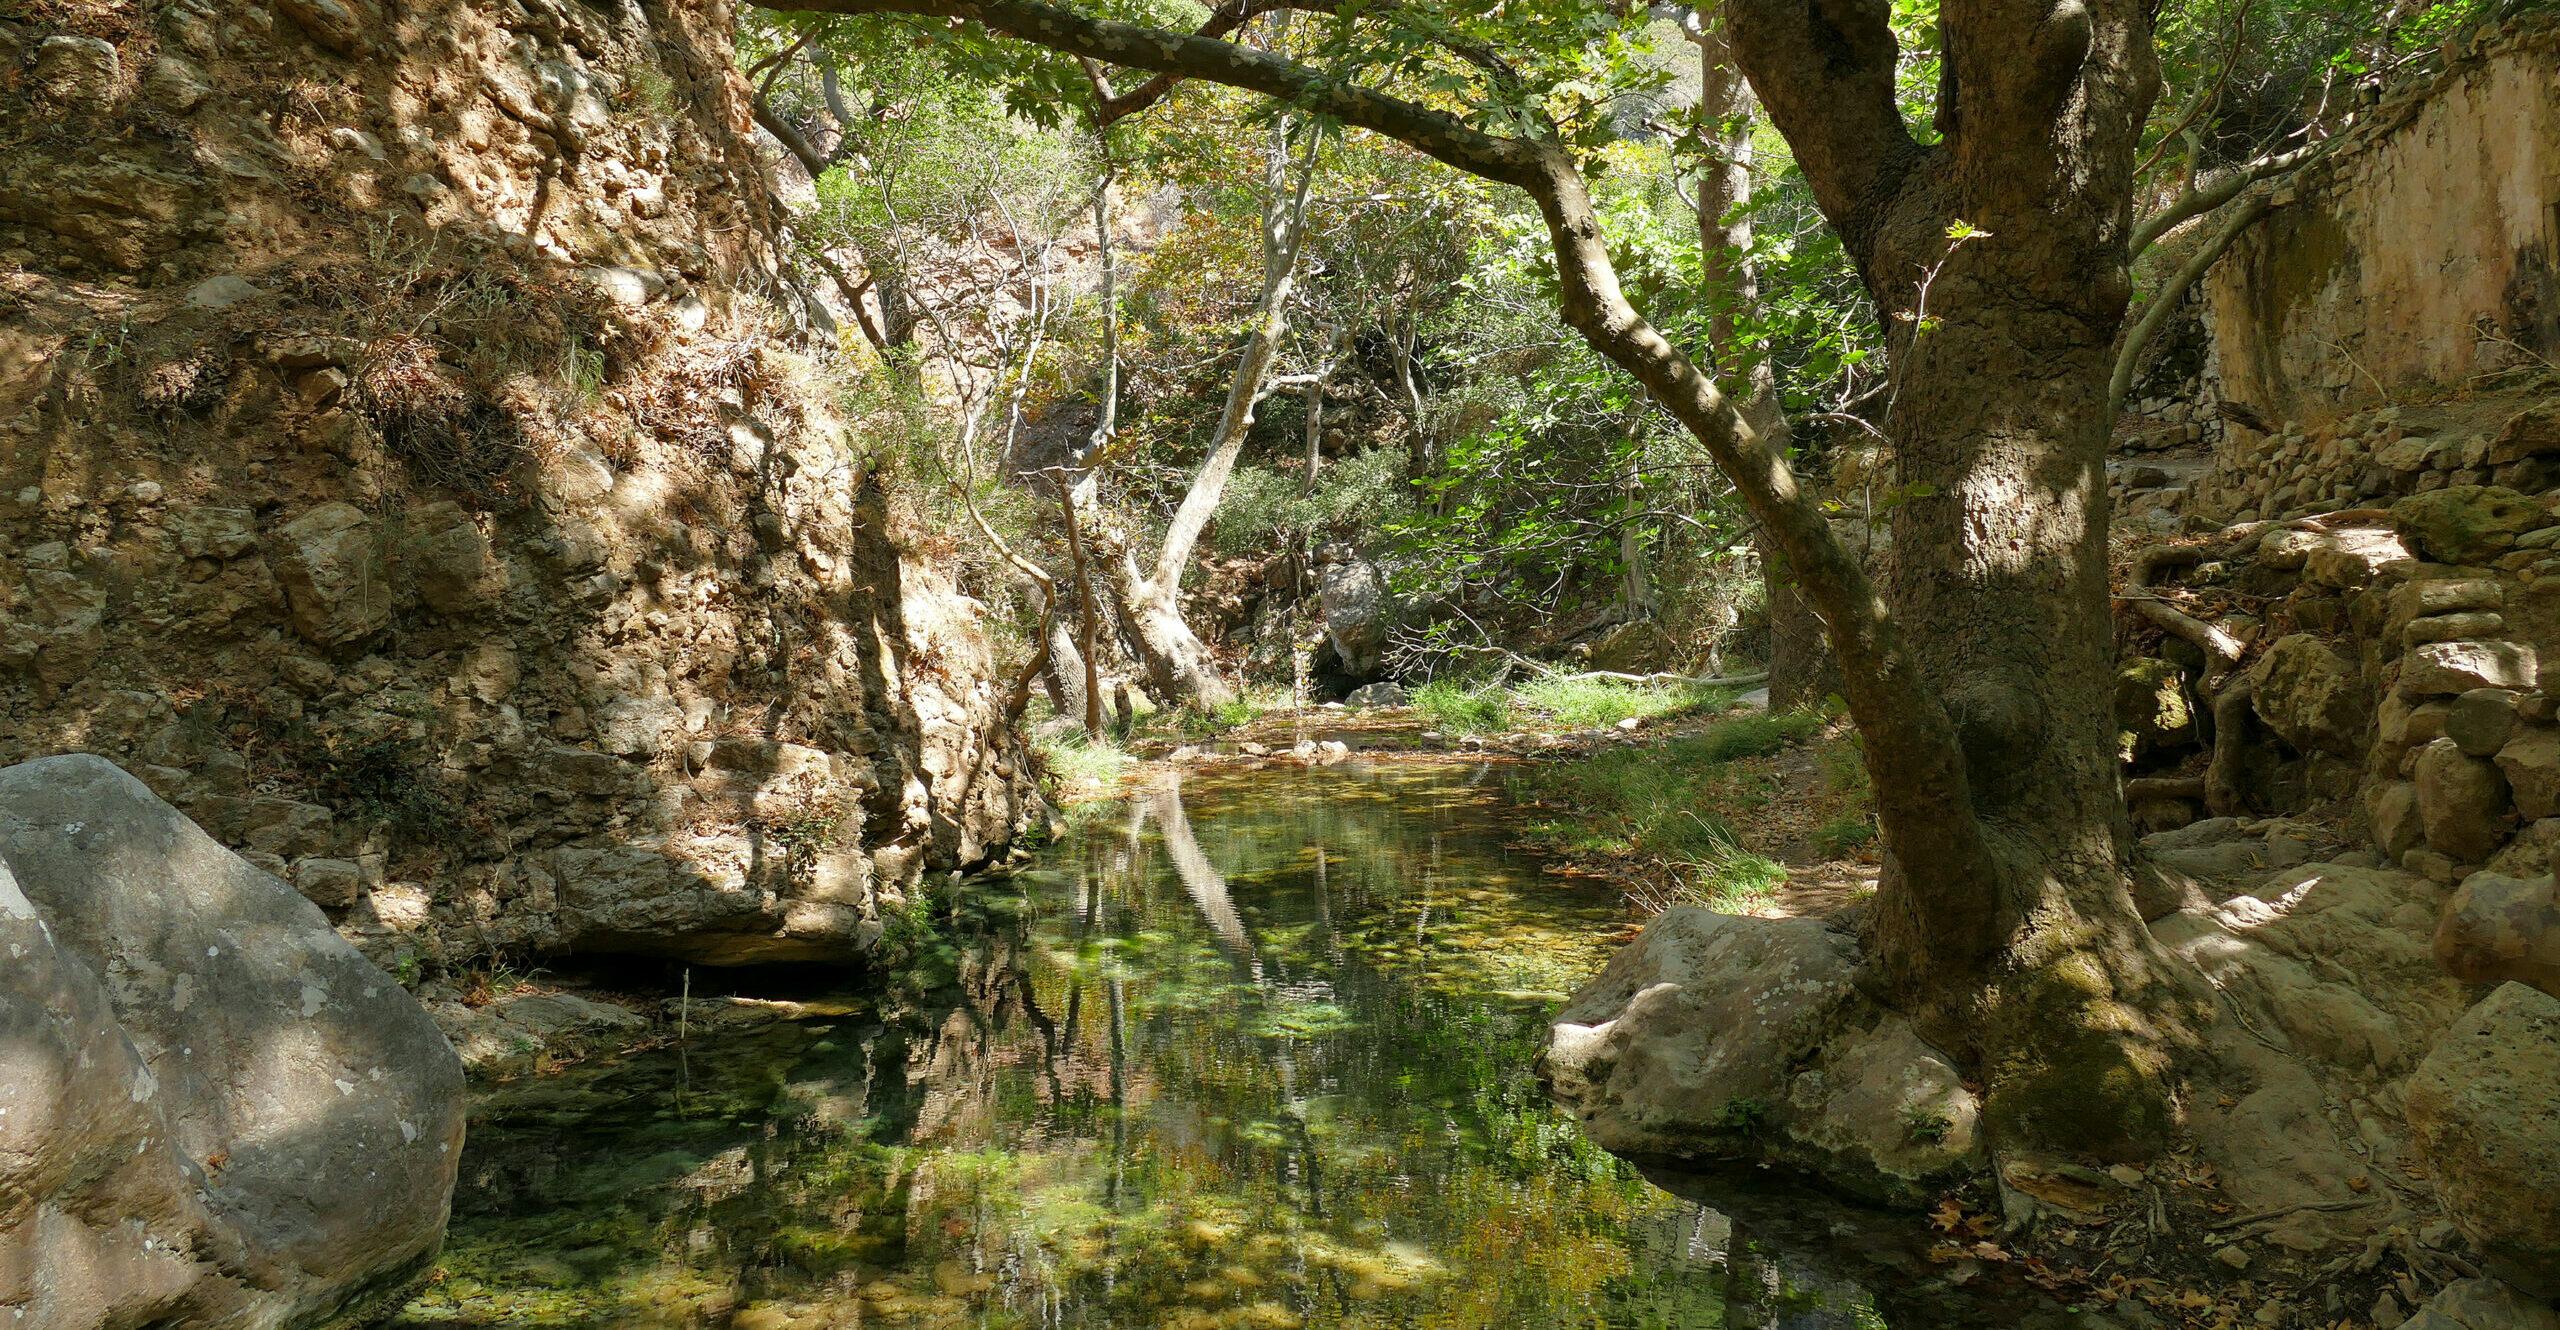 Water Springs of Amir Ali